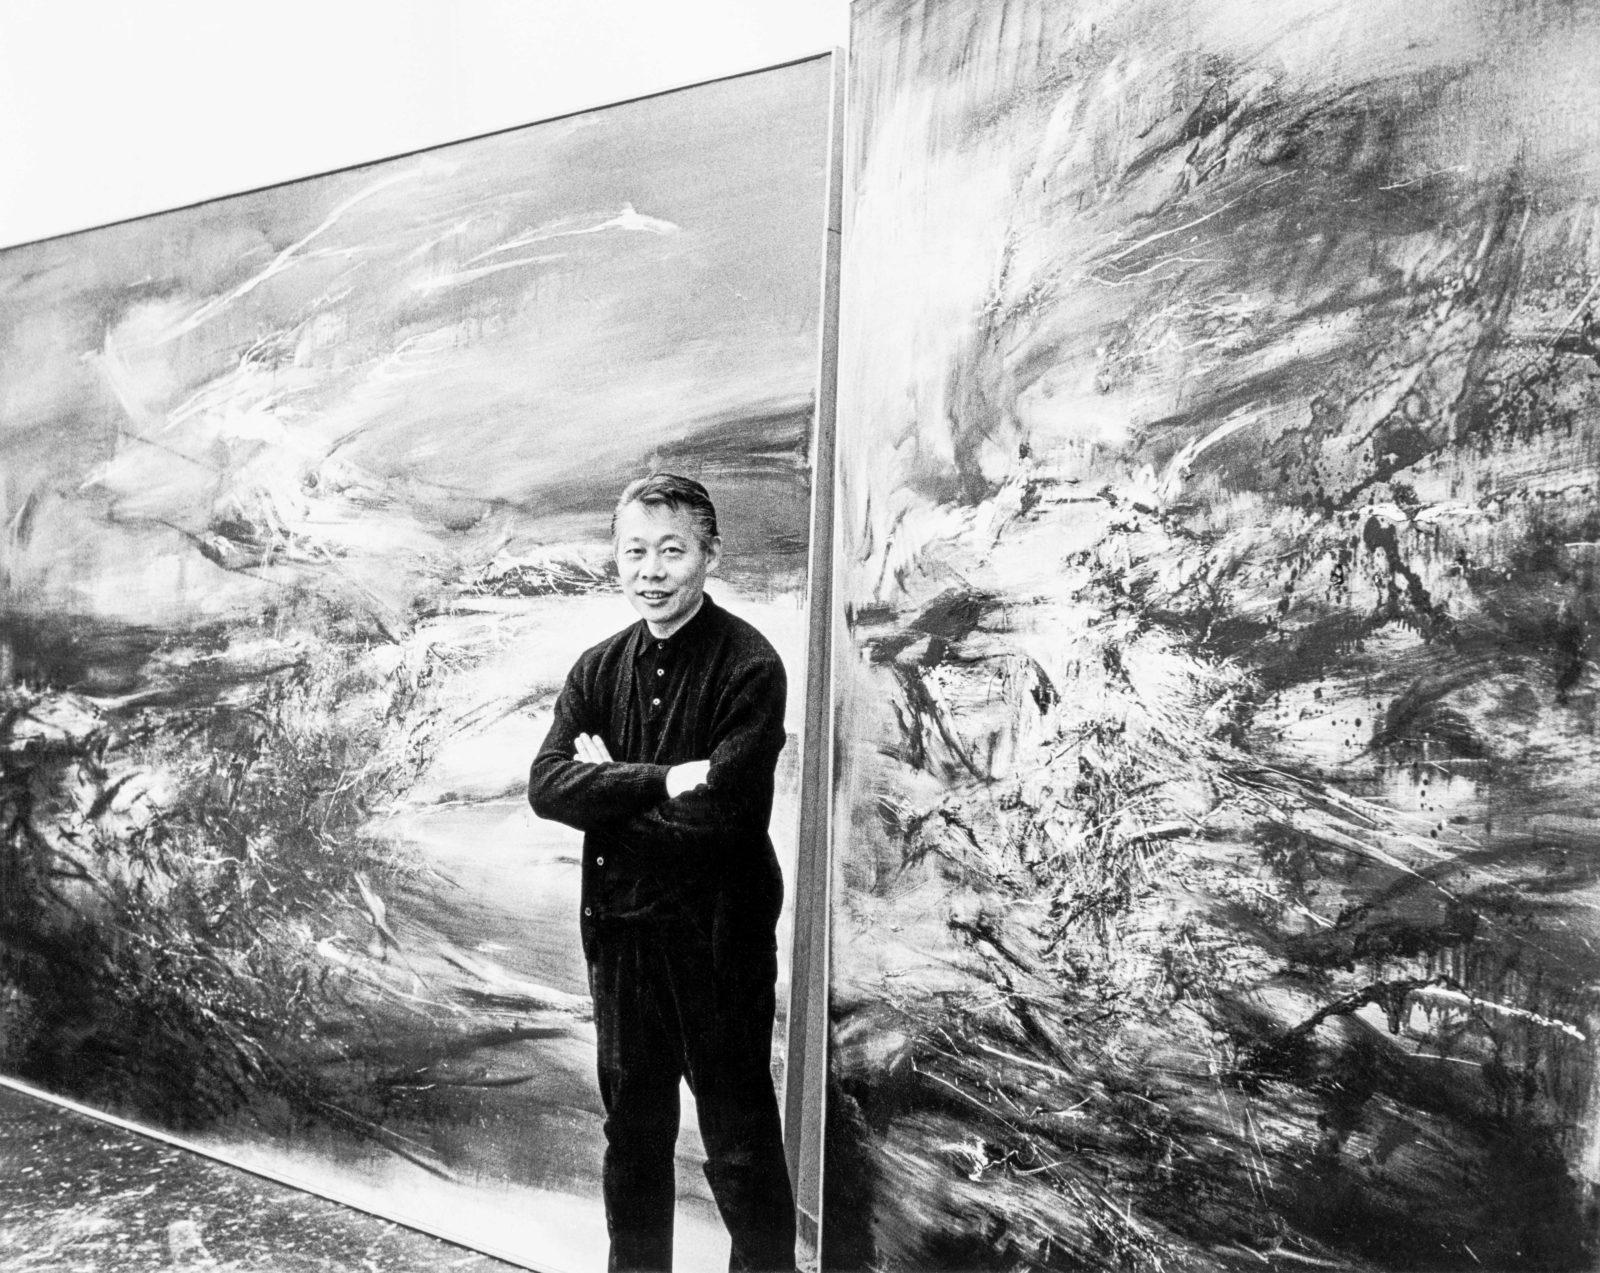 A kínai festő, aki a nyugati művészeten át talált vissza a gyökereihez